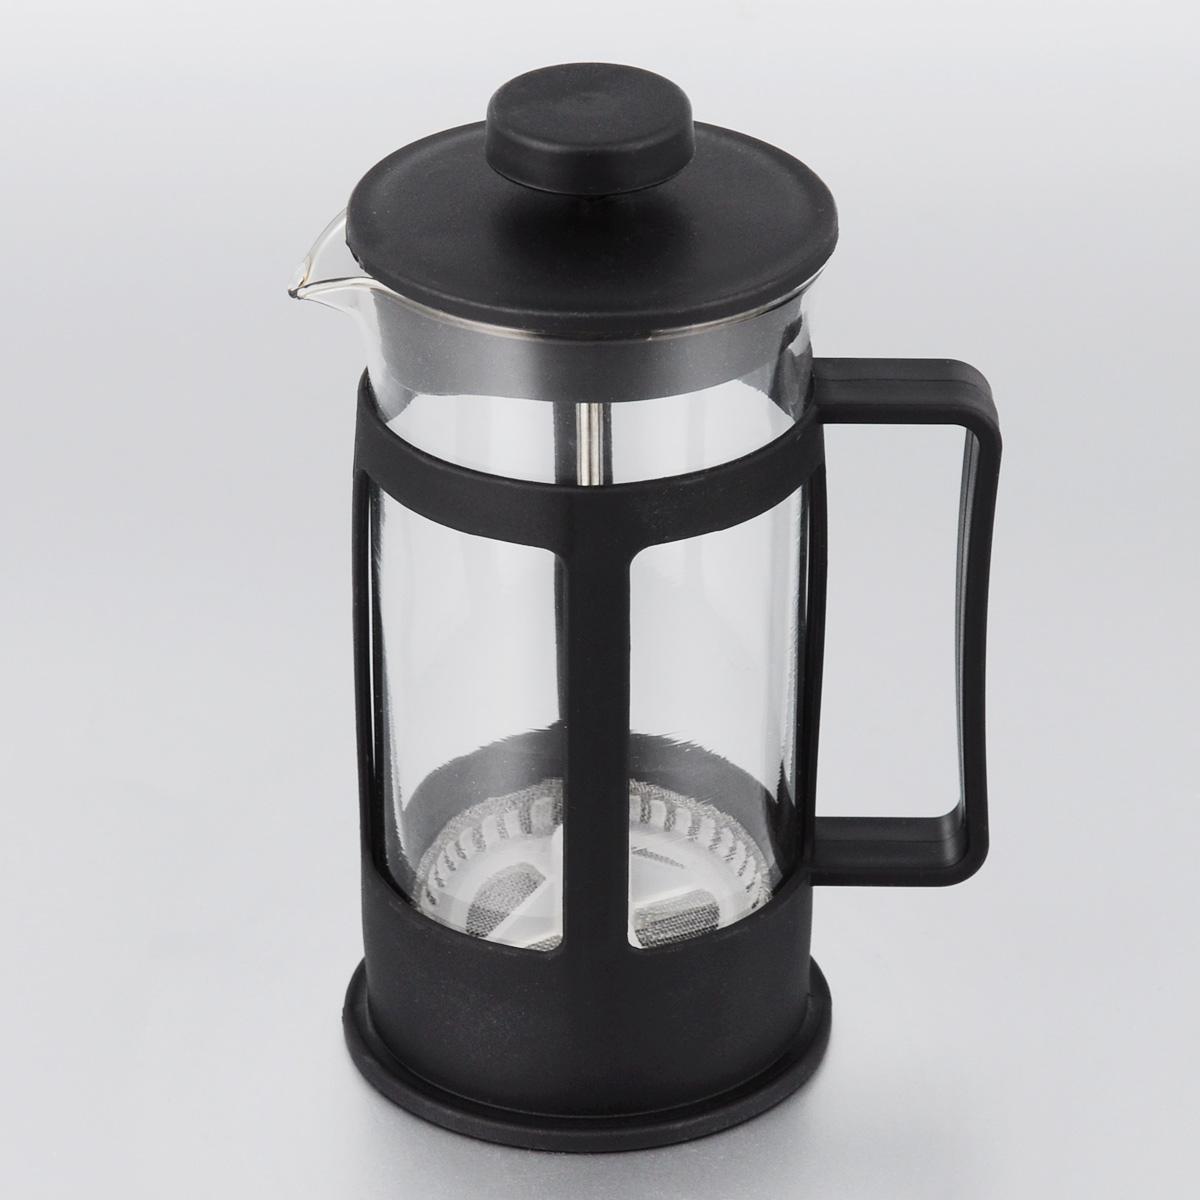 Френч-пресс МФК-профит, цвет: черный, 300 мл300BФренч-пресс МФК-профит поможет приготовить вкусный и ароматный чай или кофе. Корпус выполнен из высококачественного термостойкого пластика, а колба - из жаропрочного боросиликатного стекла. Чайник снабжен фильтром из метала с пластиковым элементом и удобной ручкой. Не рекомендуется использовать в посудомоечной машине и в микроволновой печи. Диаметр (по верхнему краю): 7 см. Высота чайника (без учета крышки): 14 см.